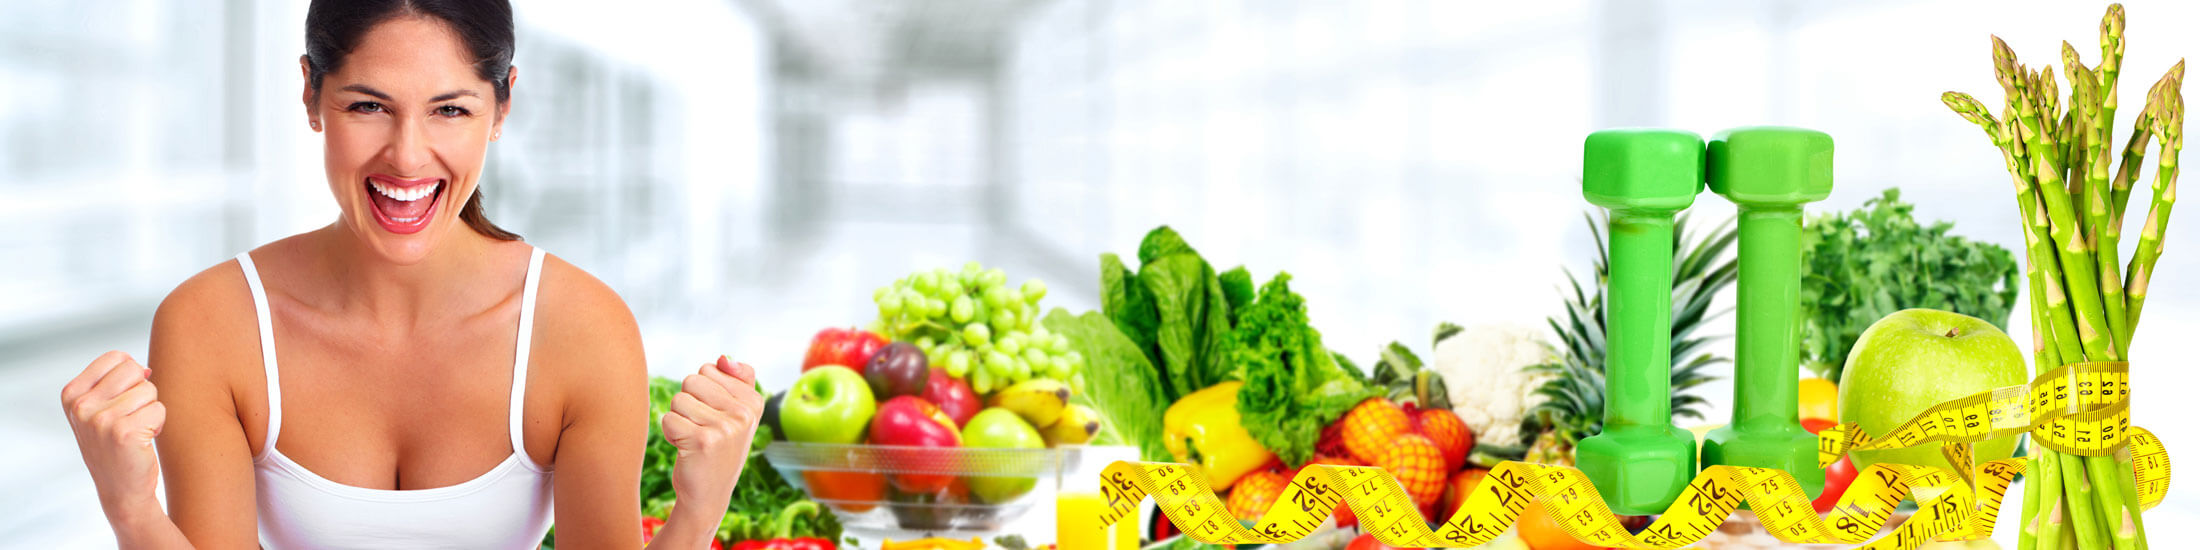 Bei Provitage gibt es neben dem Training auch eine umfassende und begleitendes Ernährungstraining - für Sie abgestimmt